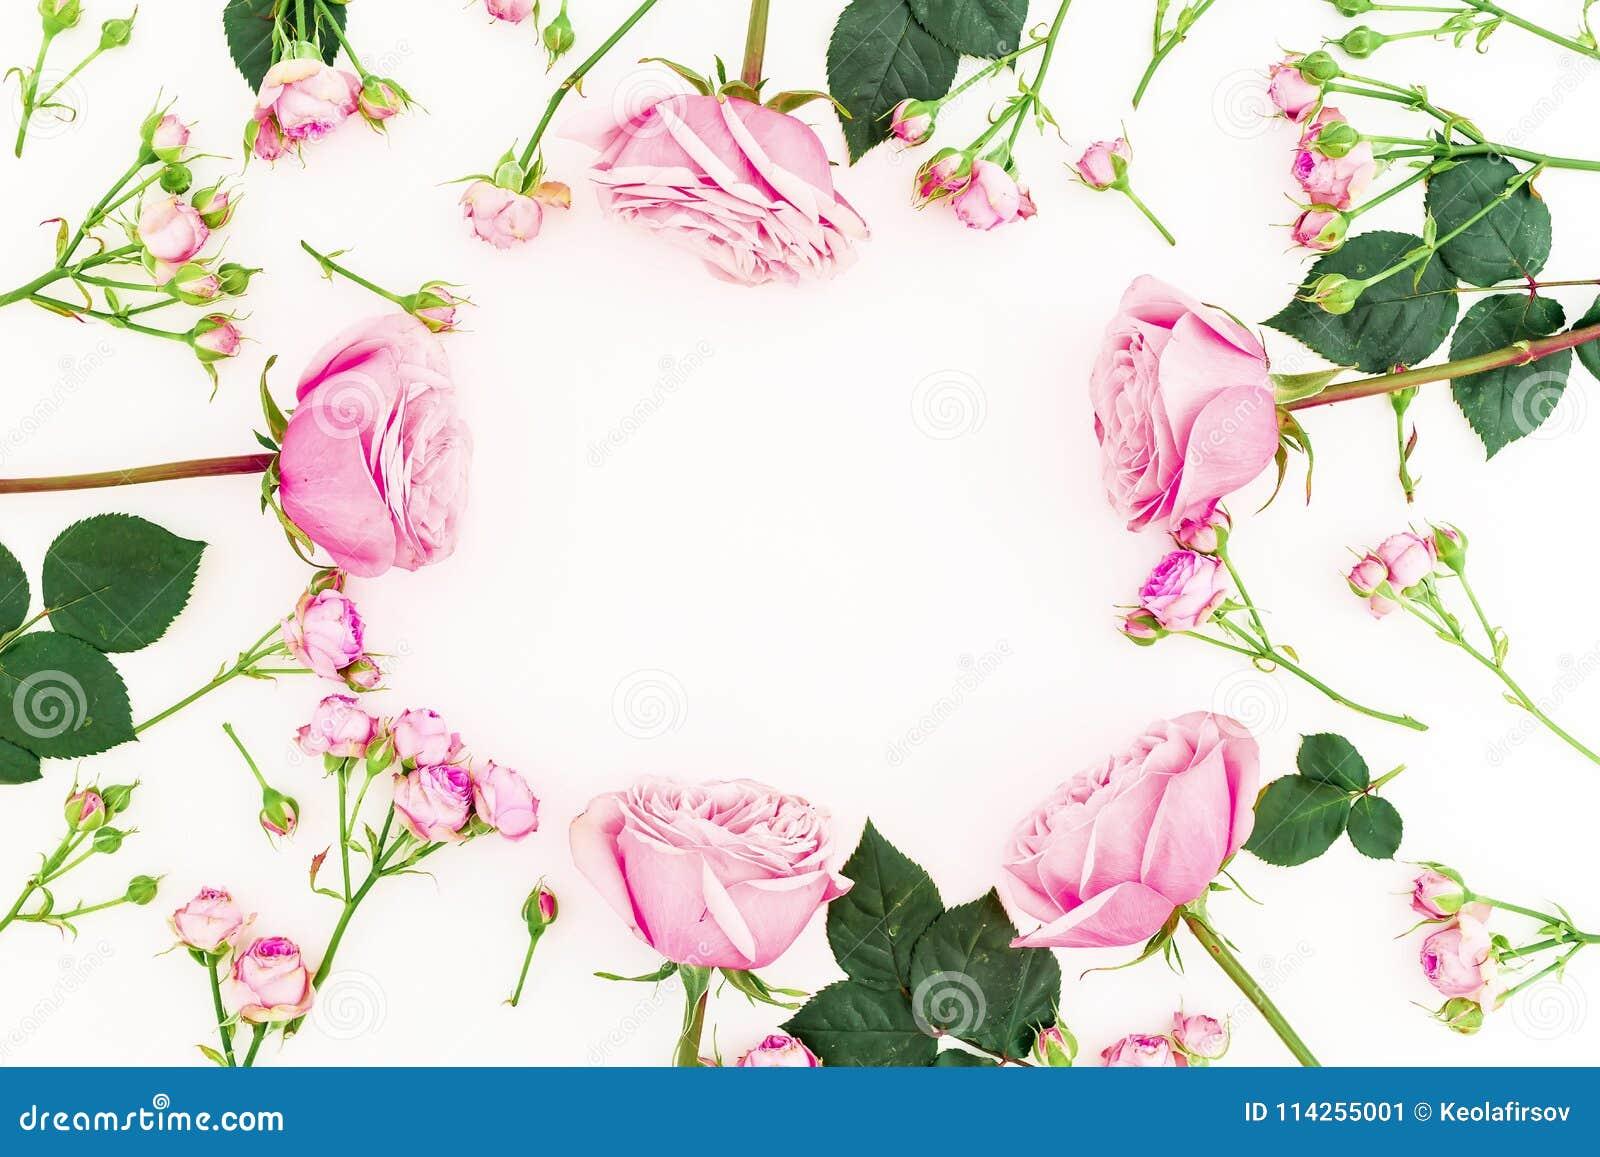 Στρογγυλό floral πλαίσιο φιαγμένο από ρόδινα τριαντάφυλλα στο άσπρο υπόβαθρο Επίπεδος βάλτε, τοπ άποψη Σύνθεση ημέρας βαλεντίνων